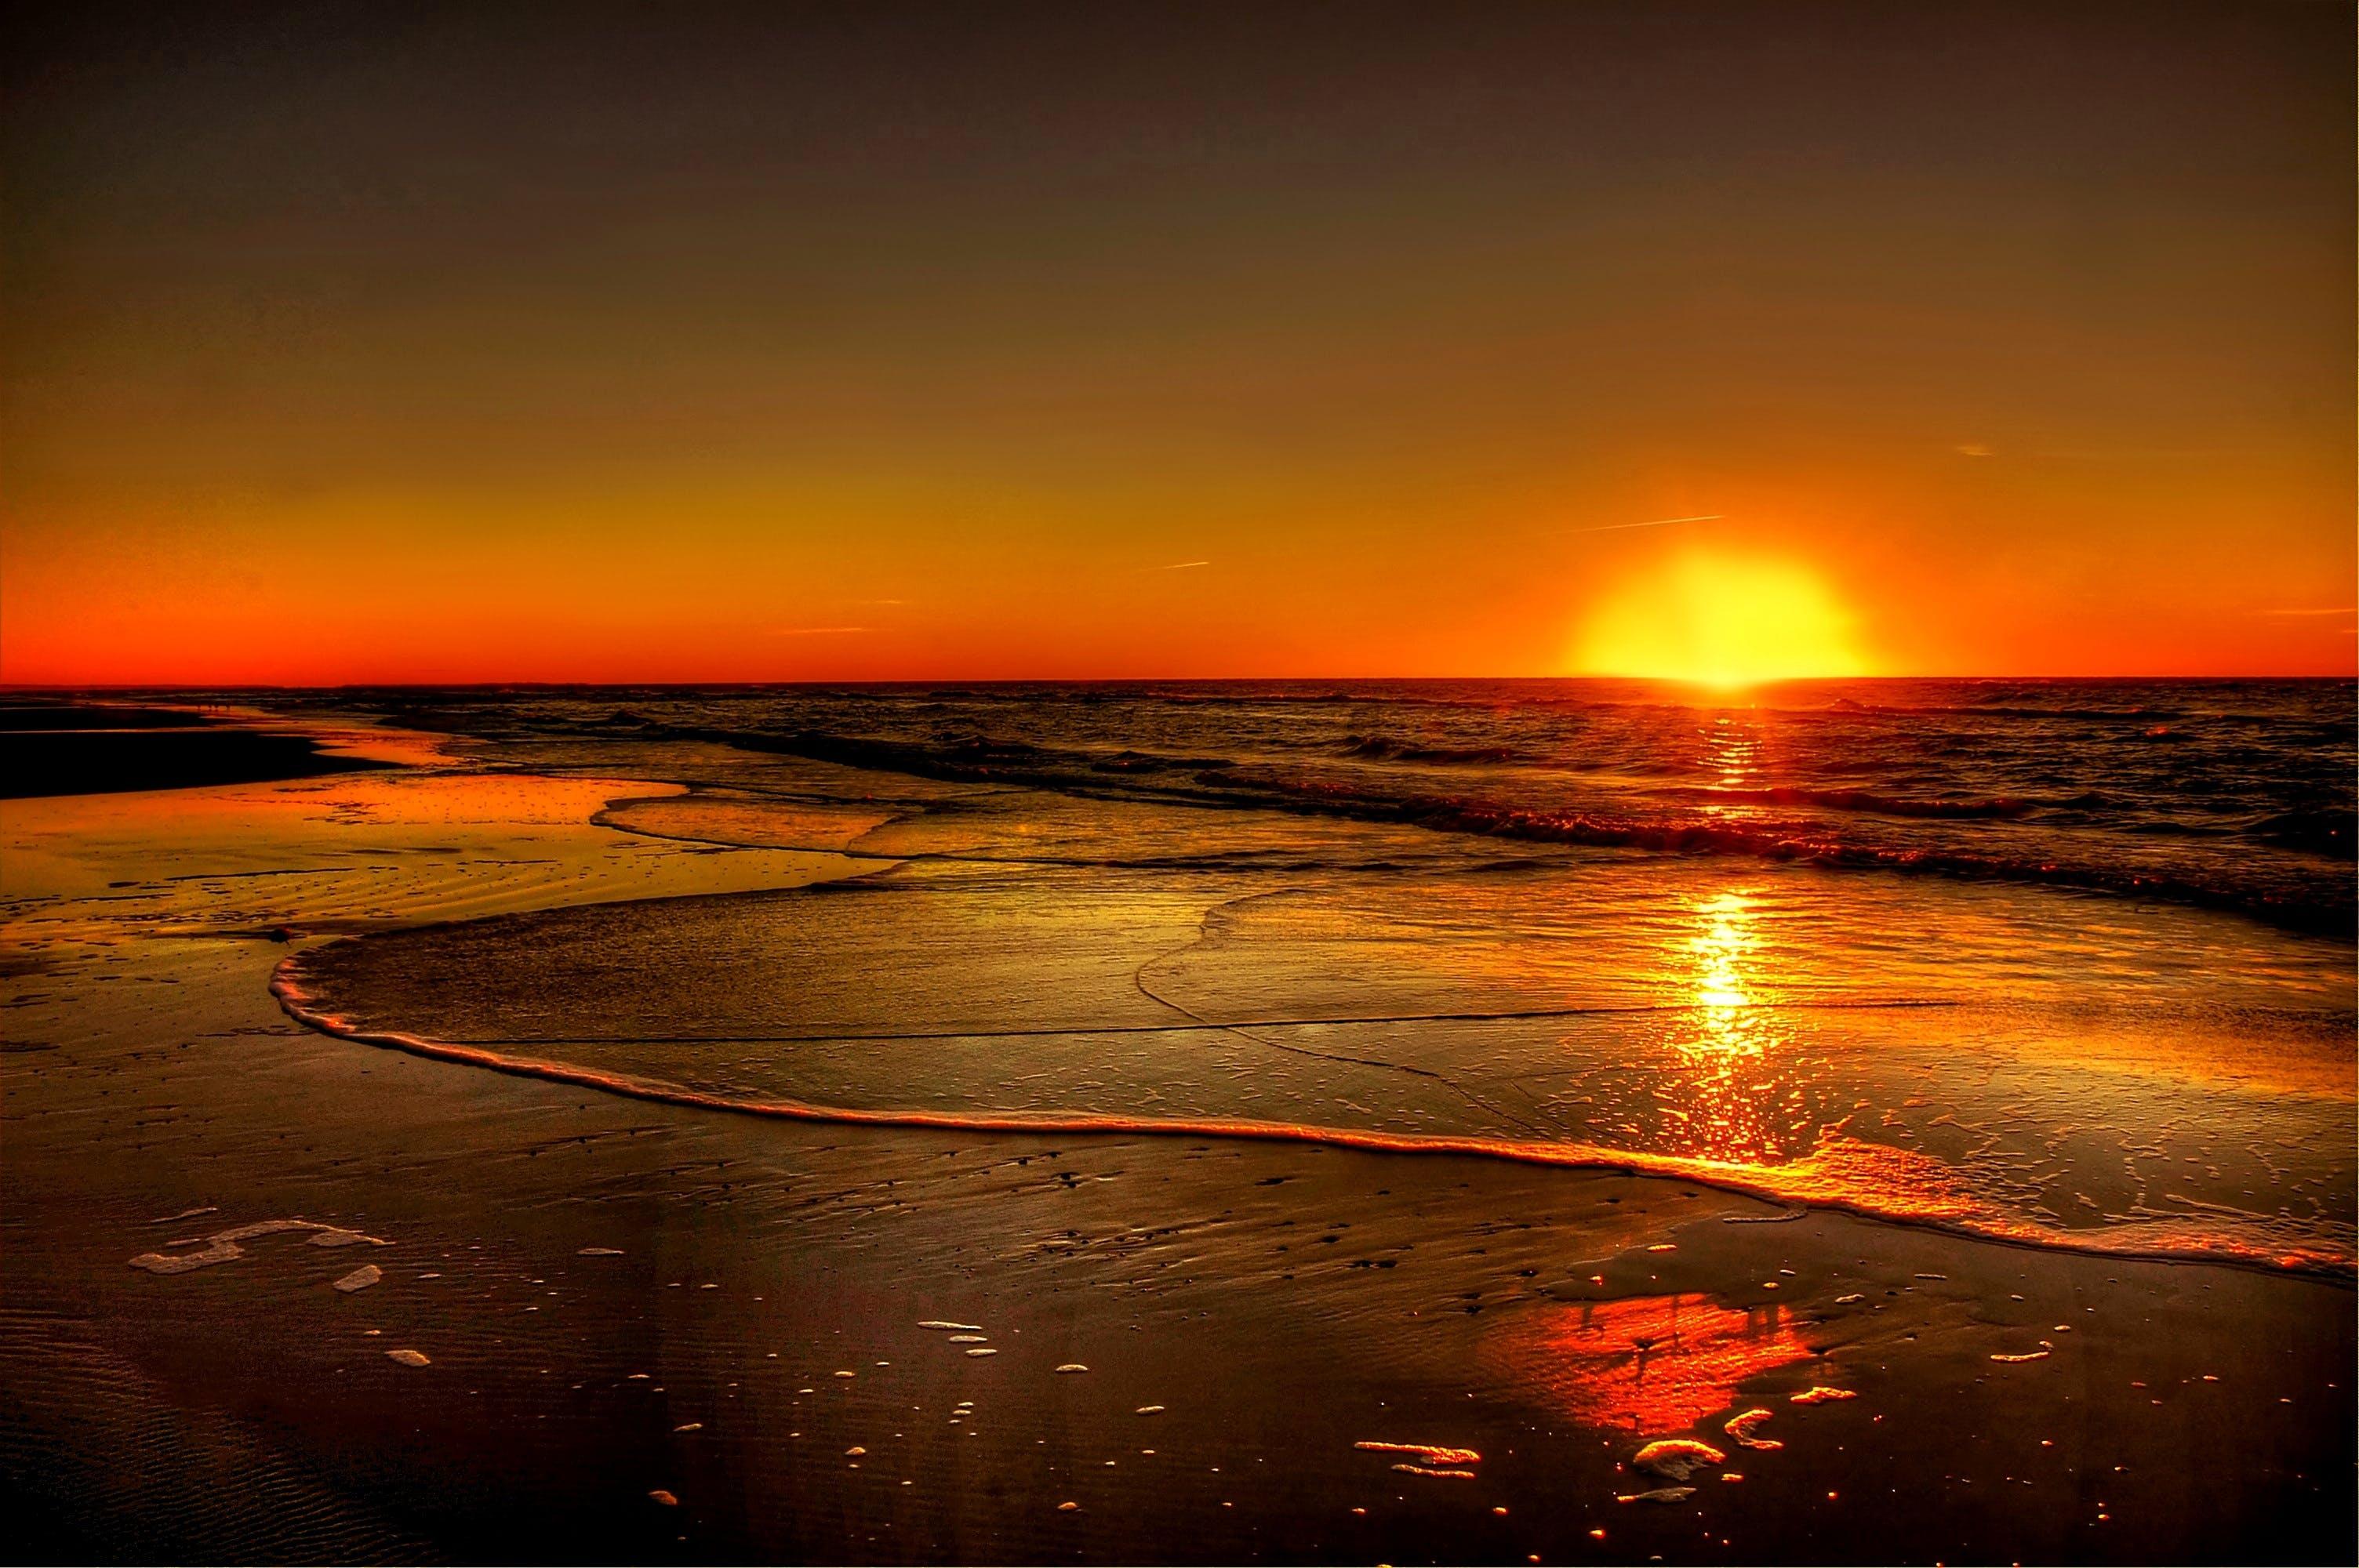 Beach Sand and Ocean